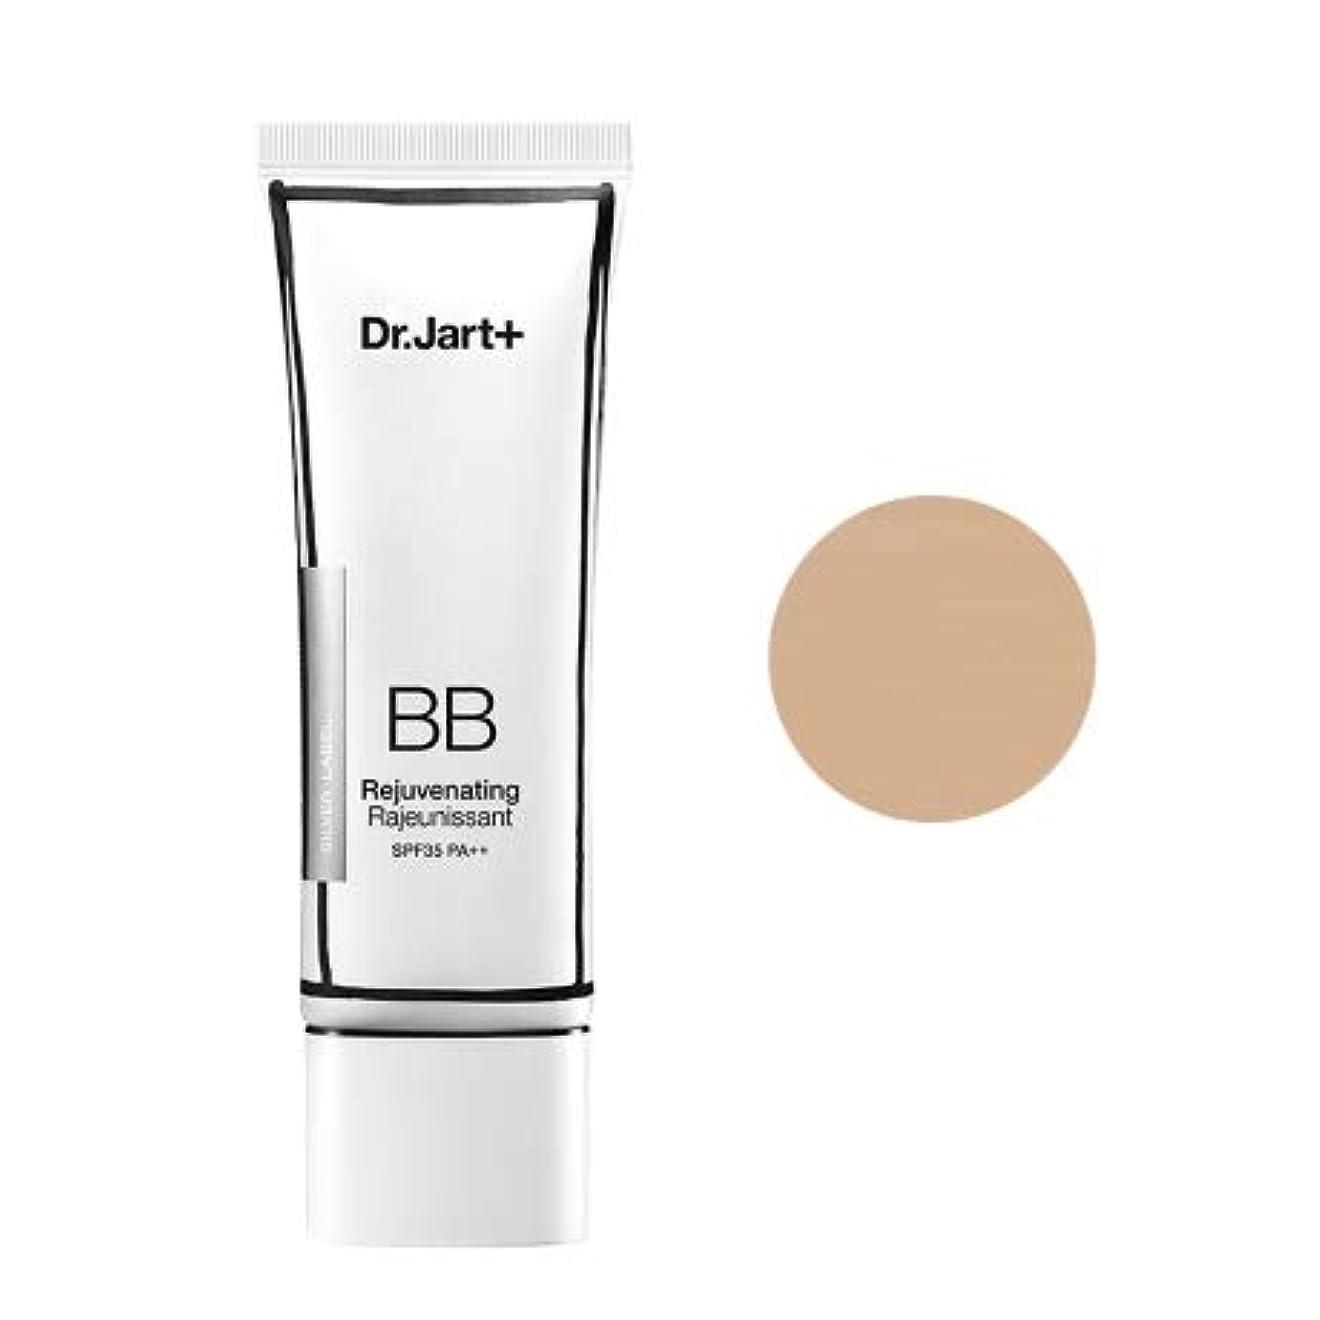 レビュアー約束する達成[Upgrade] Dr.Jart+Dermakeup Rejuvenating Beauty Balm SPF35 PA++ 50ml /ドクタージャルトゥザメーキャップリージュビネイティンビューティーバーム SPF35...